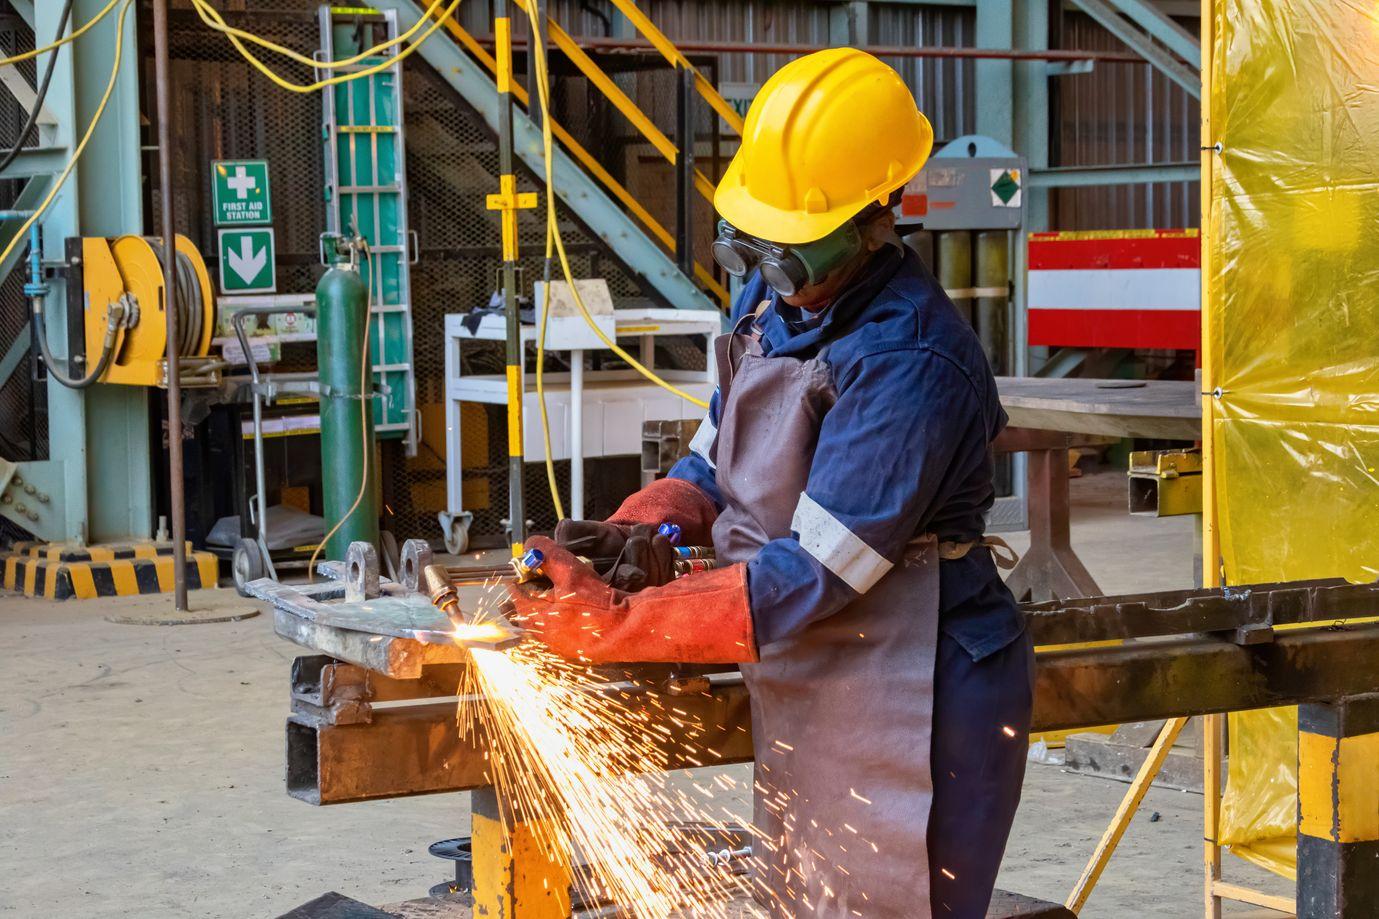 work in flame resistant clothing.jpg